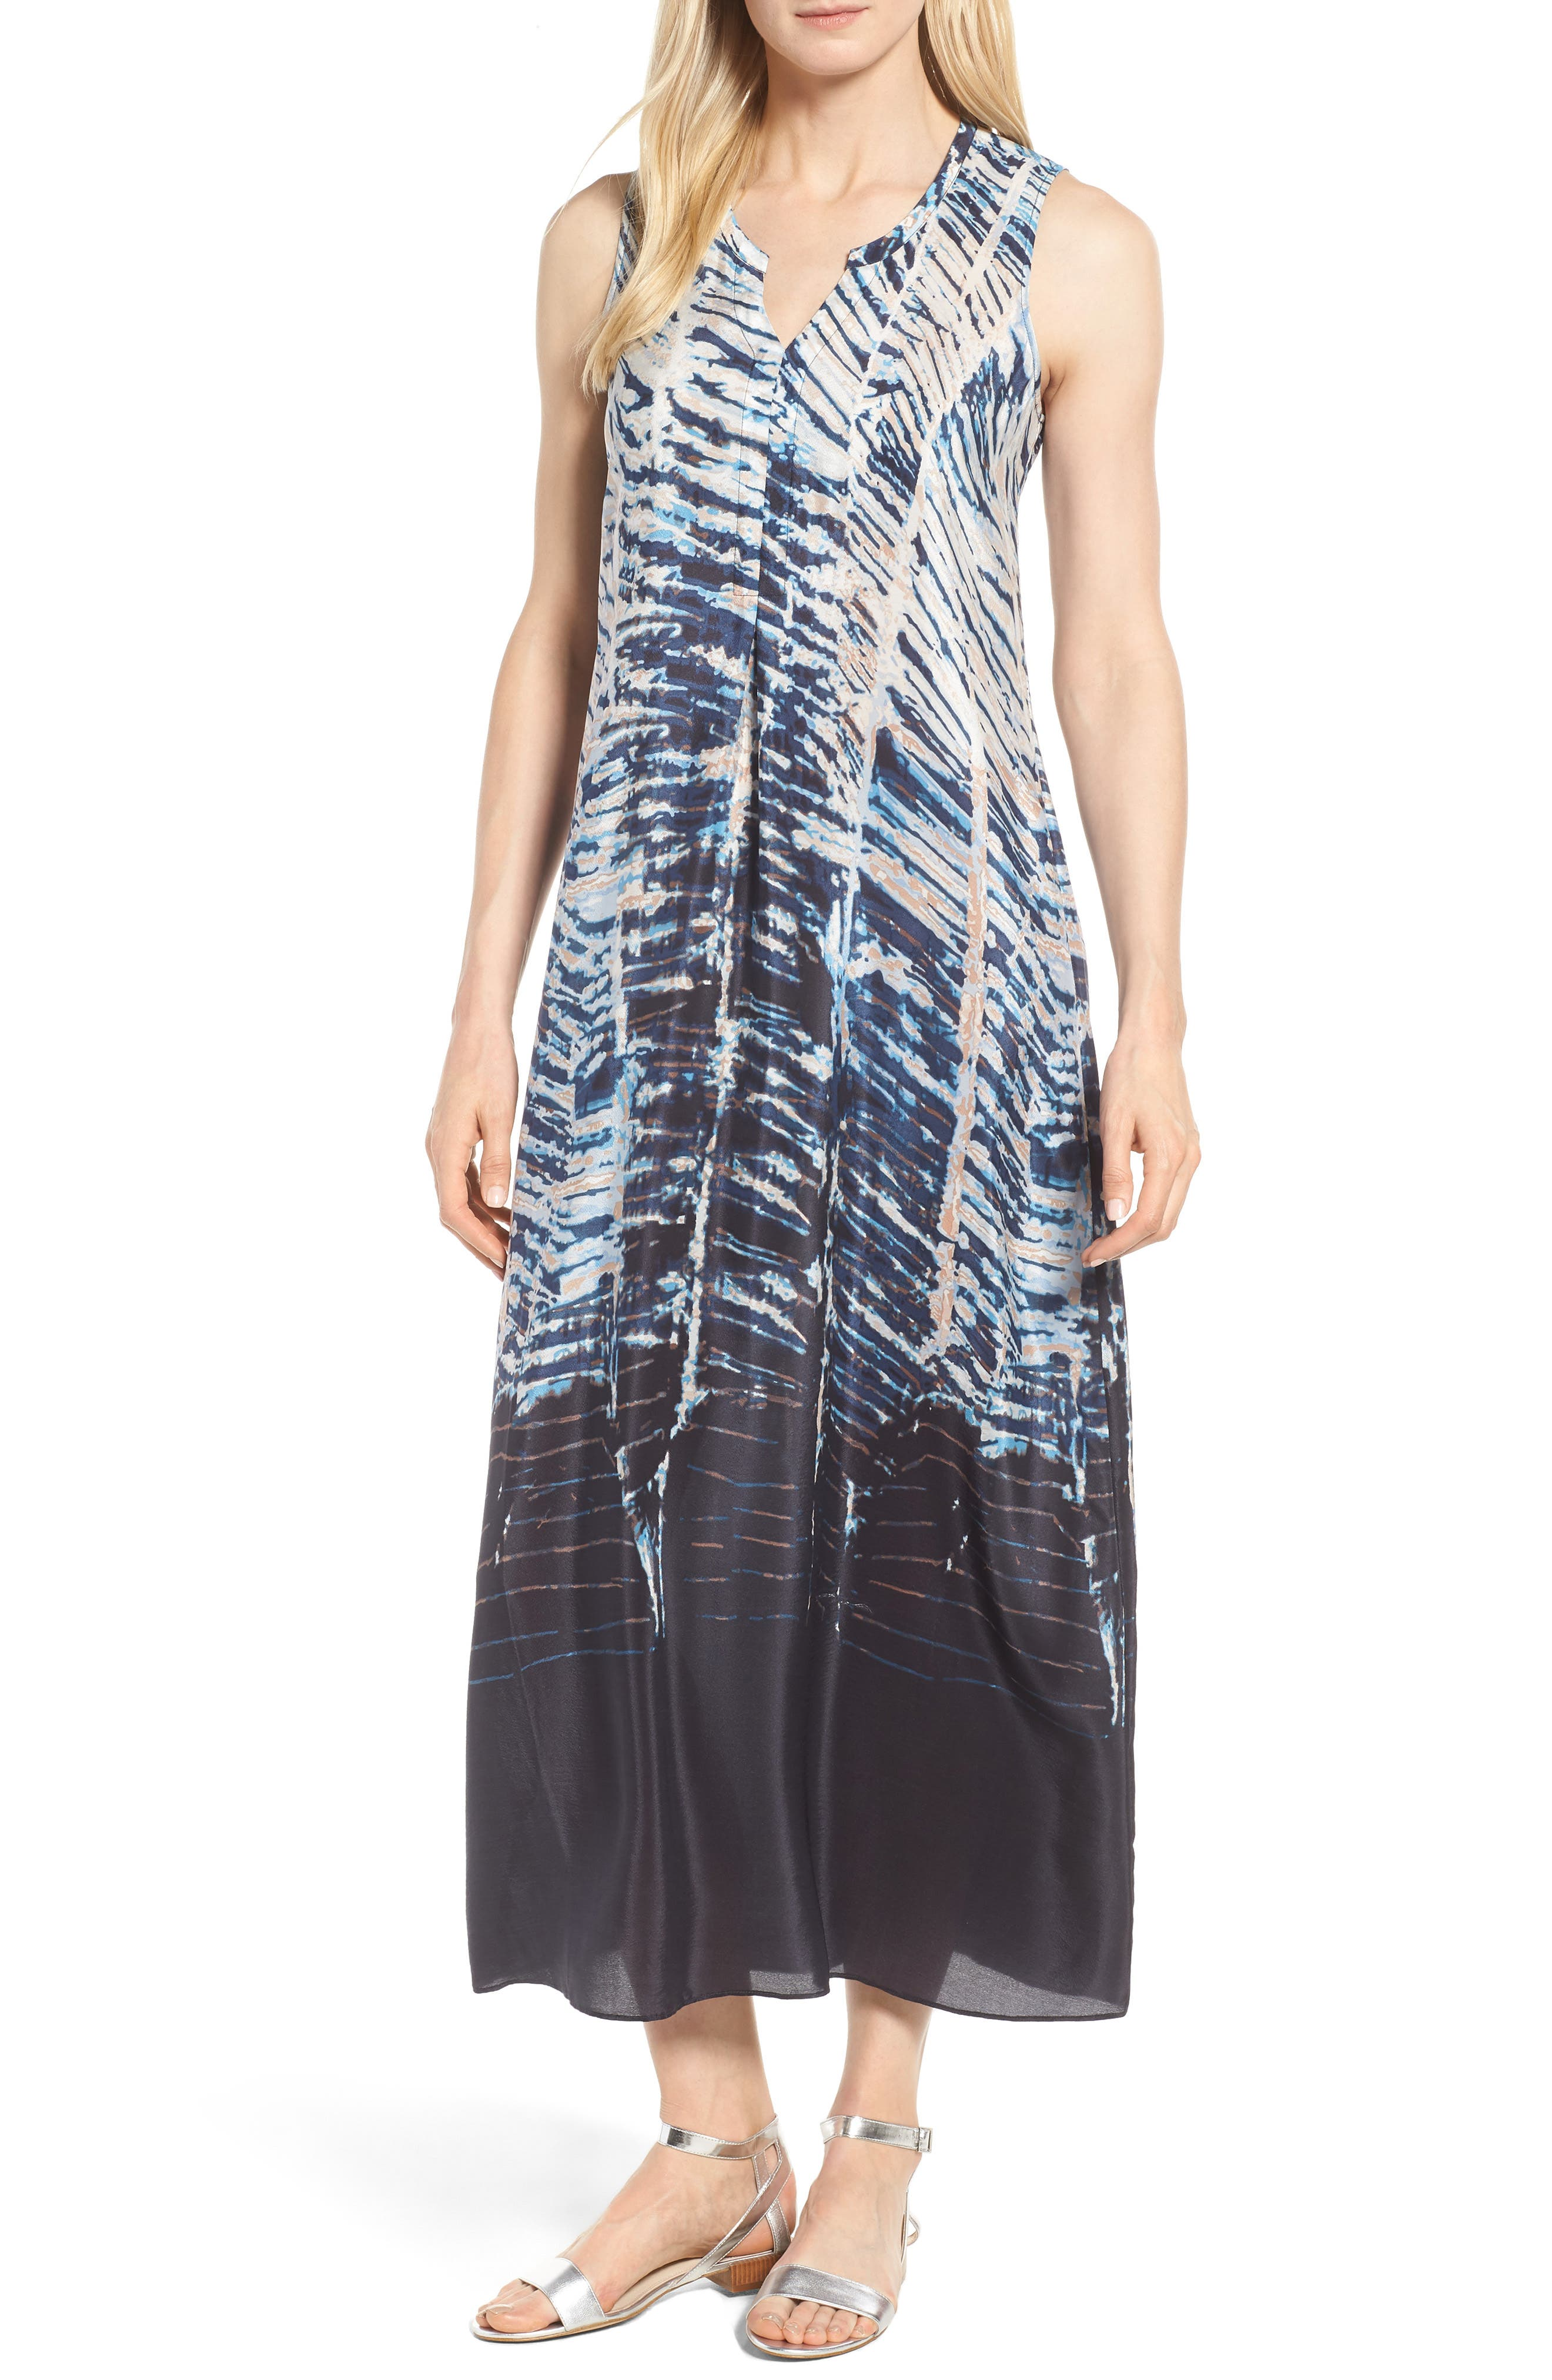 Tinango Tank Dress,                             Main thumbnail 1, color,                             490